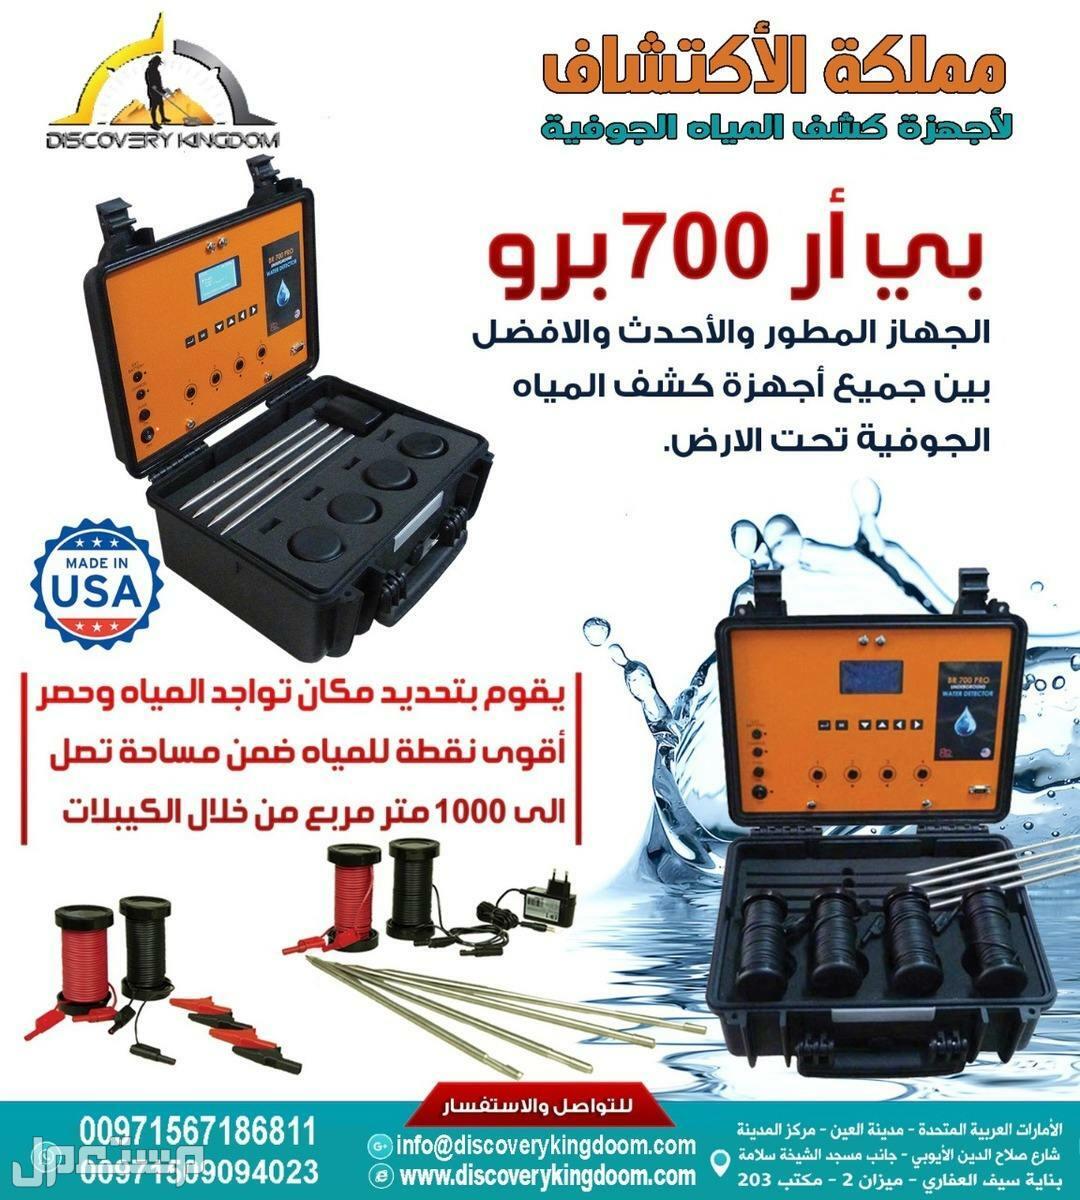 جهاز BR700 للتنقيب عن المياه و الابار 2021